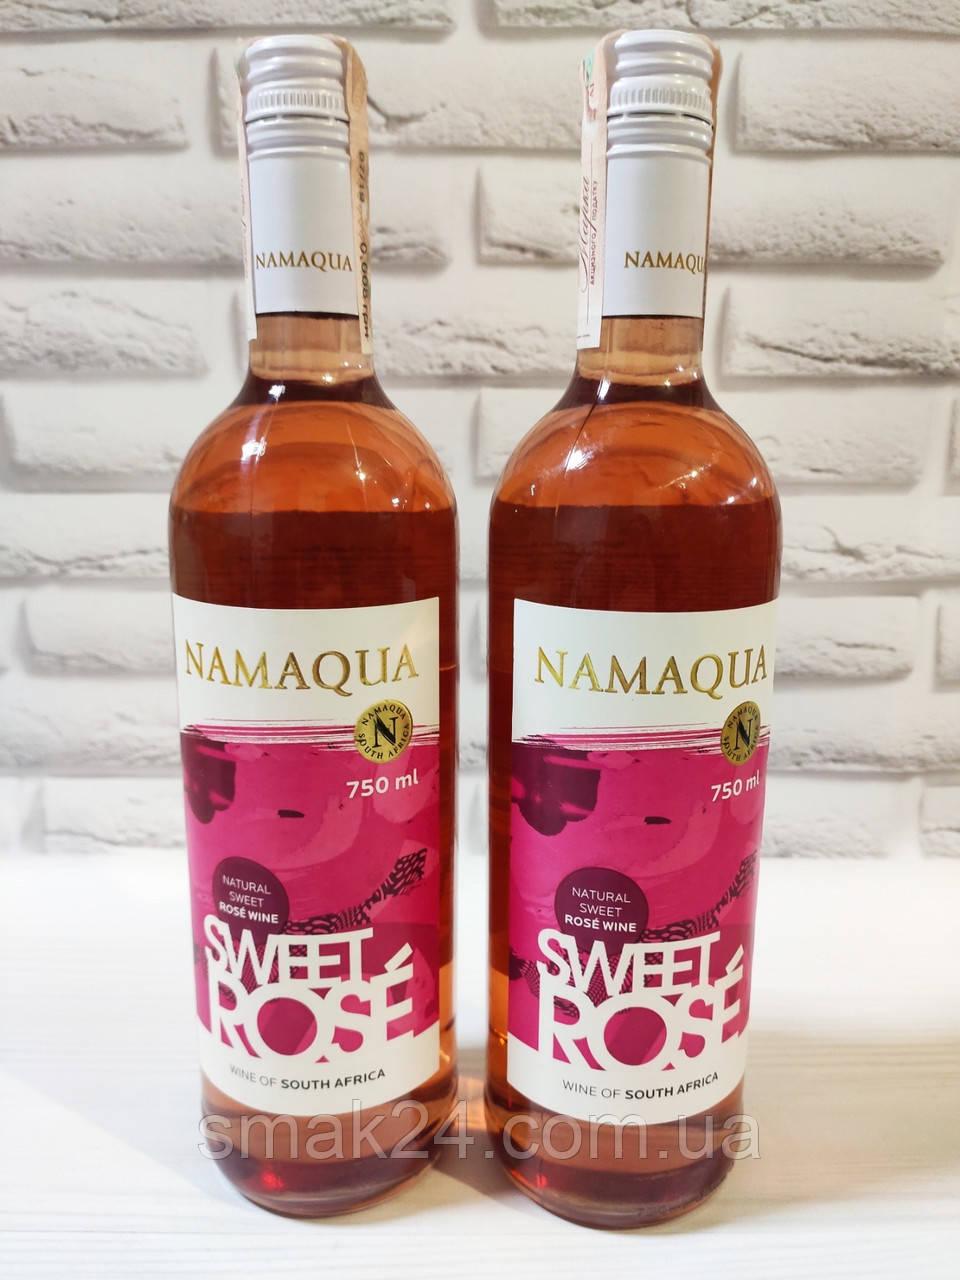 Вино NAMAQUA sweet rose виноградное розовое полусладкое 8.5% ЮАР